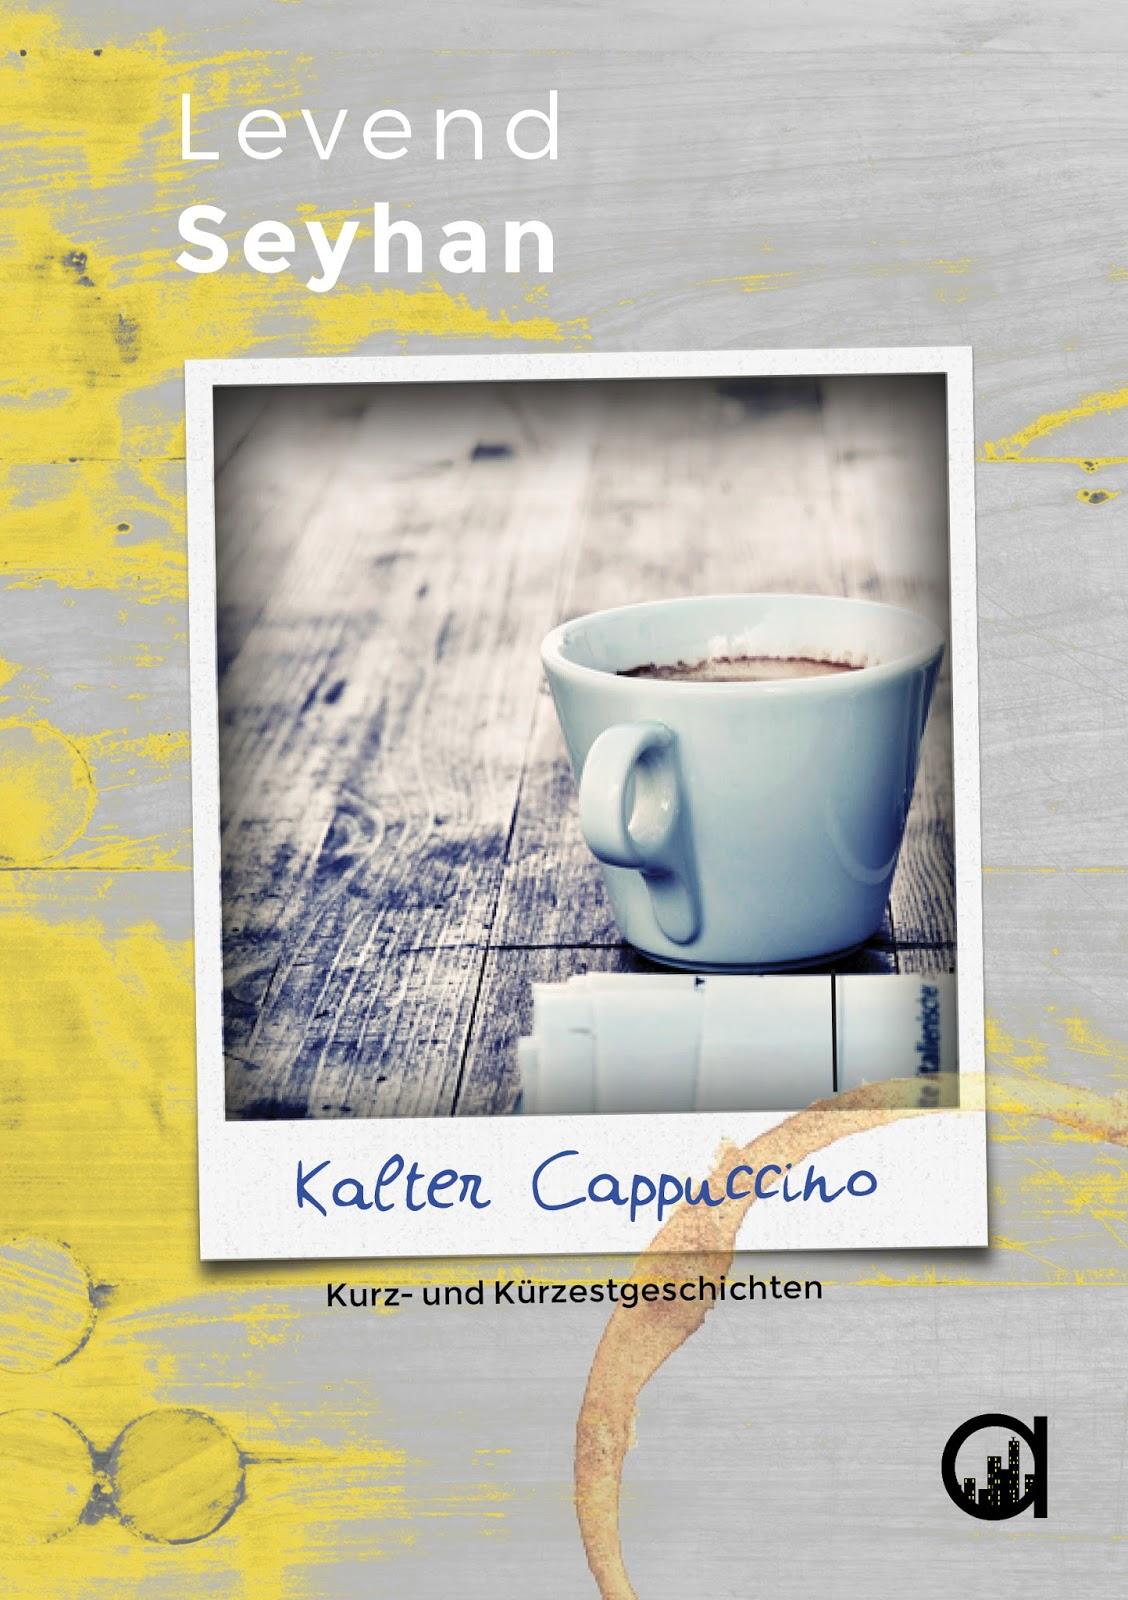 Levend Seyhan – Kalter Cappuccino